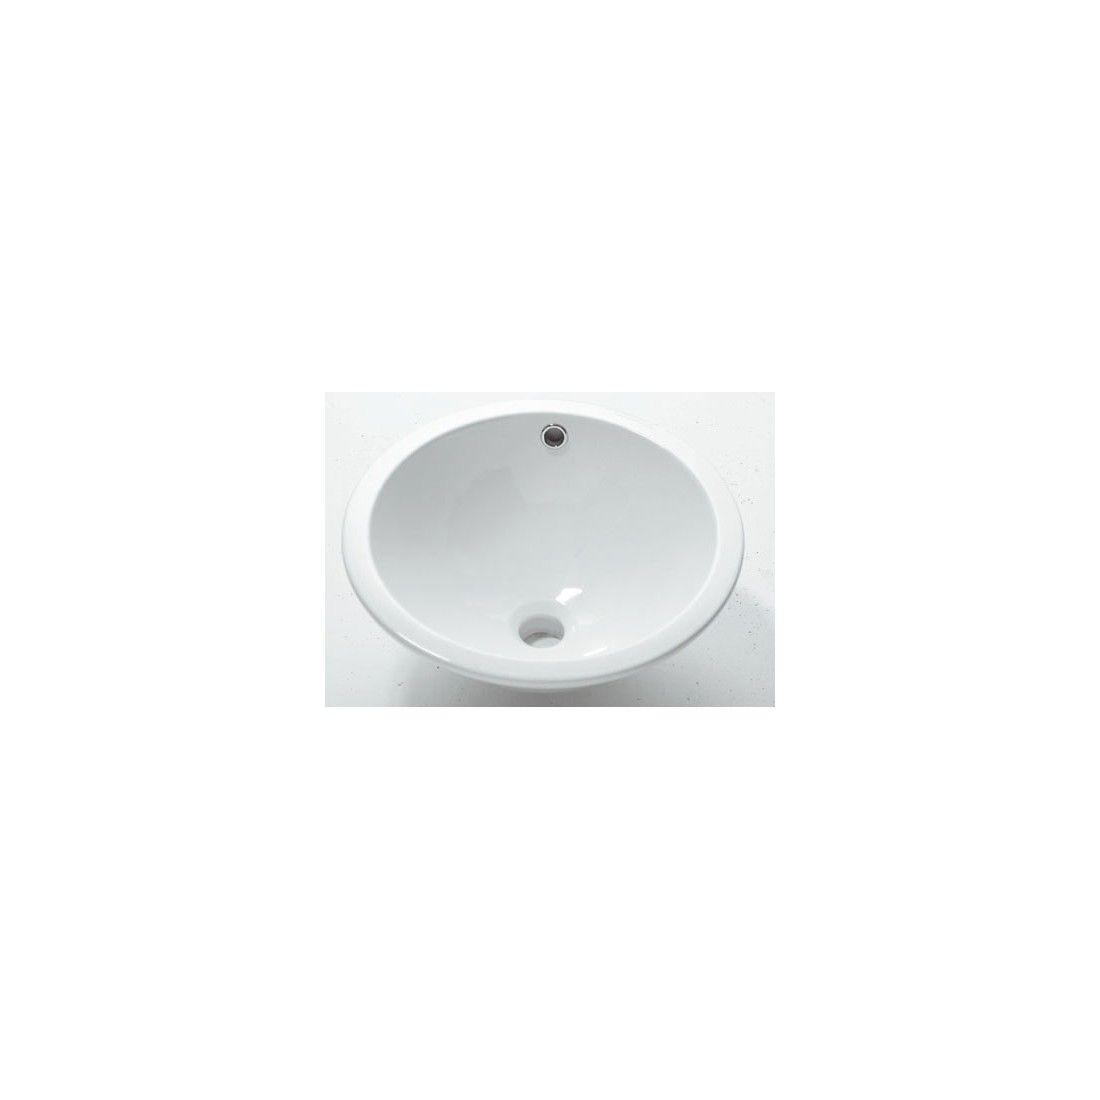 Vasque à encastrer ronde en céramique 42 cm, soprapiano